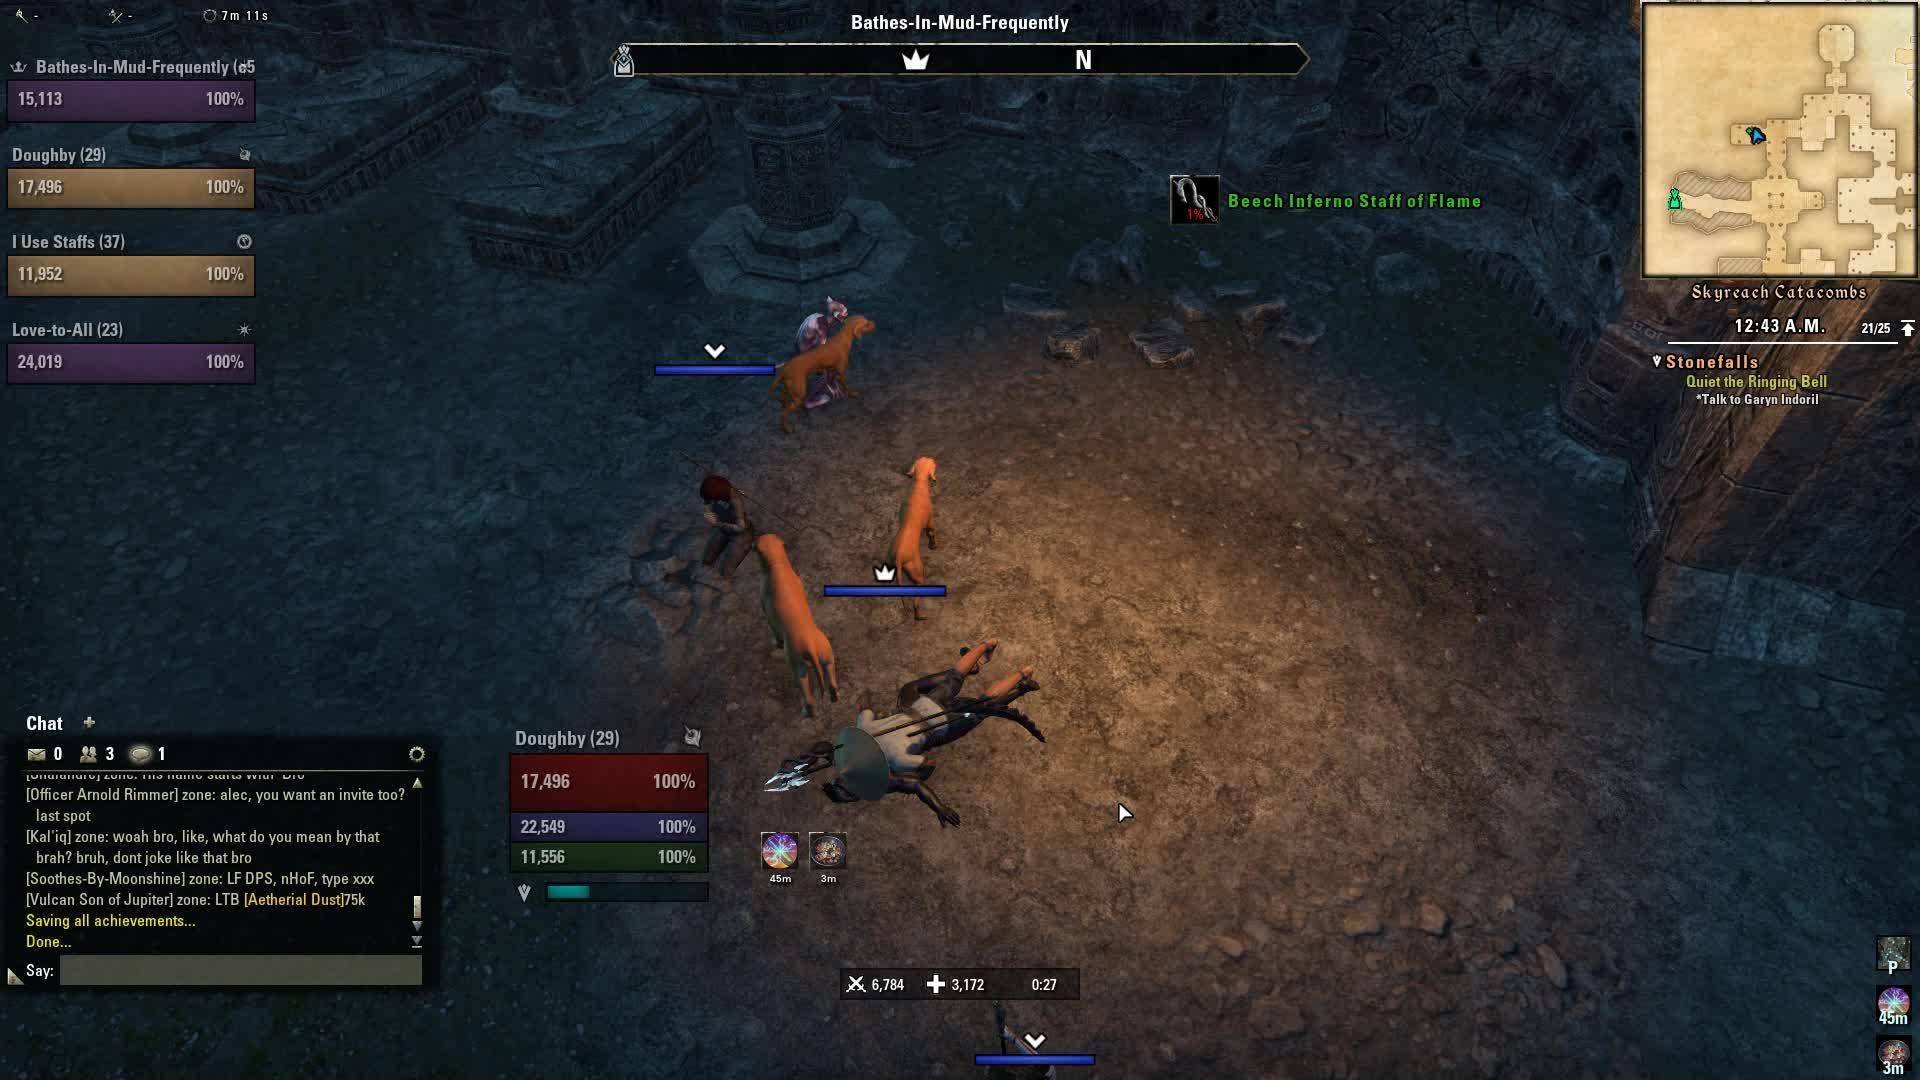 elderscrollsonline, Elder Scrolls Online 2019.02.24 - 00.43.04.01 GIFs